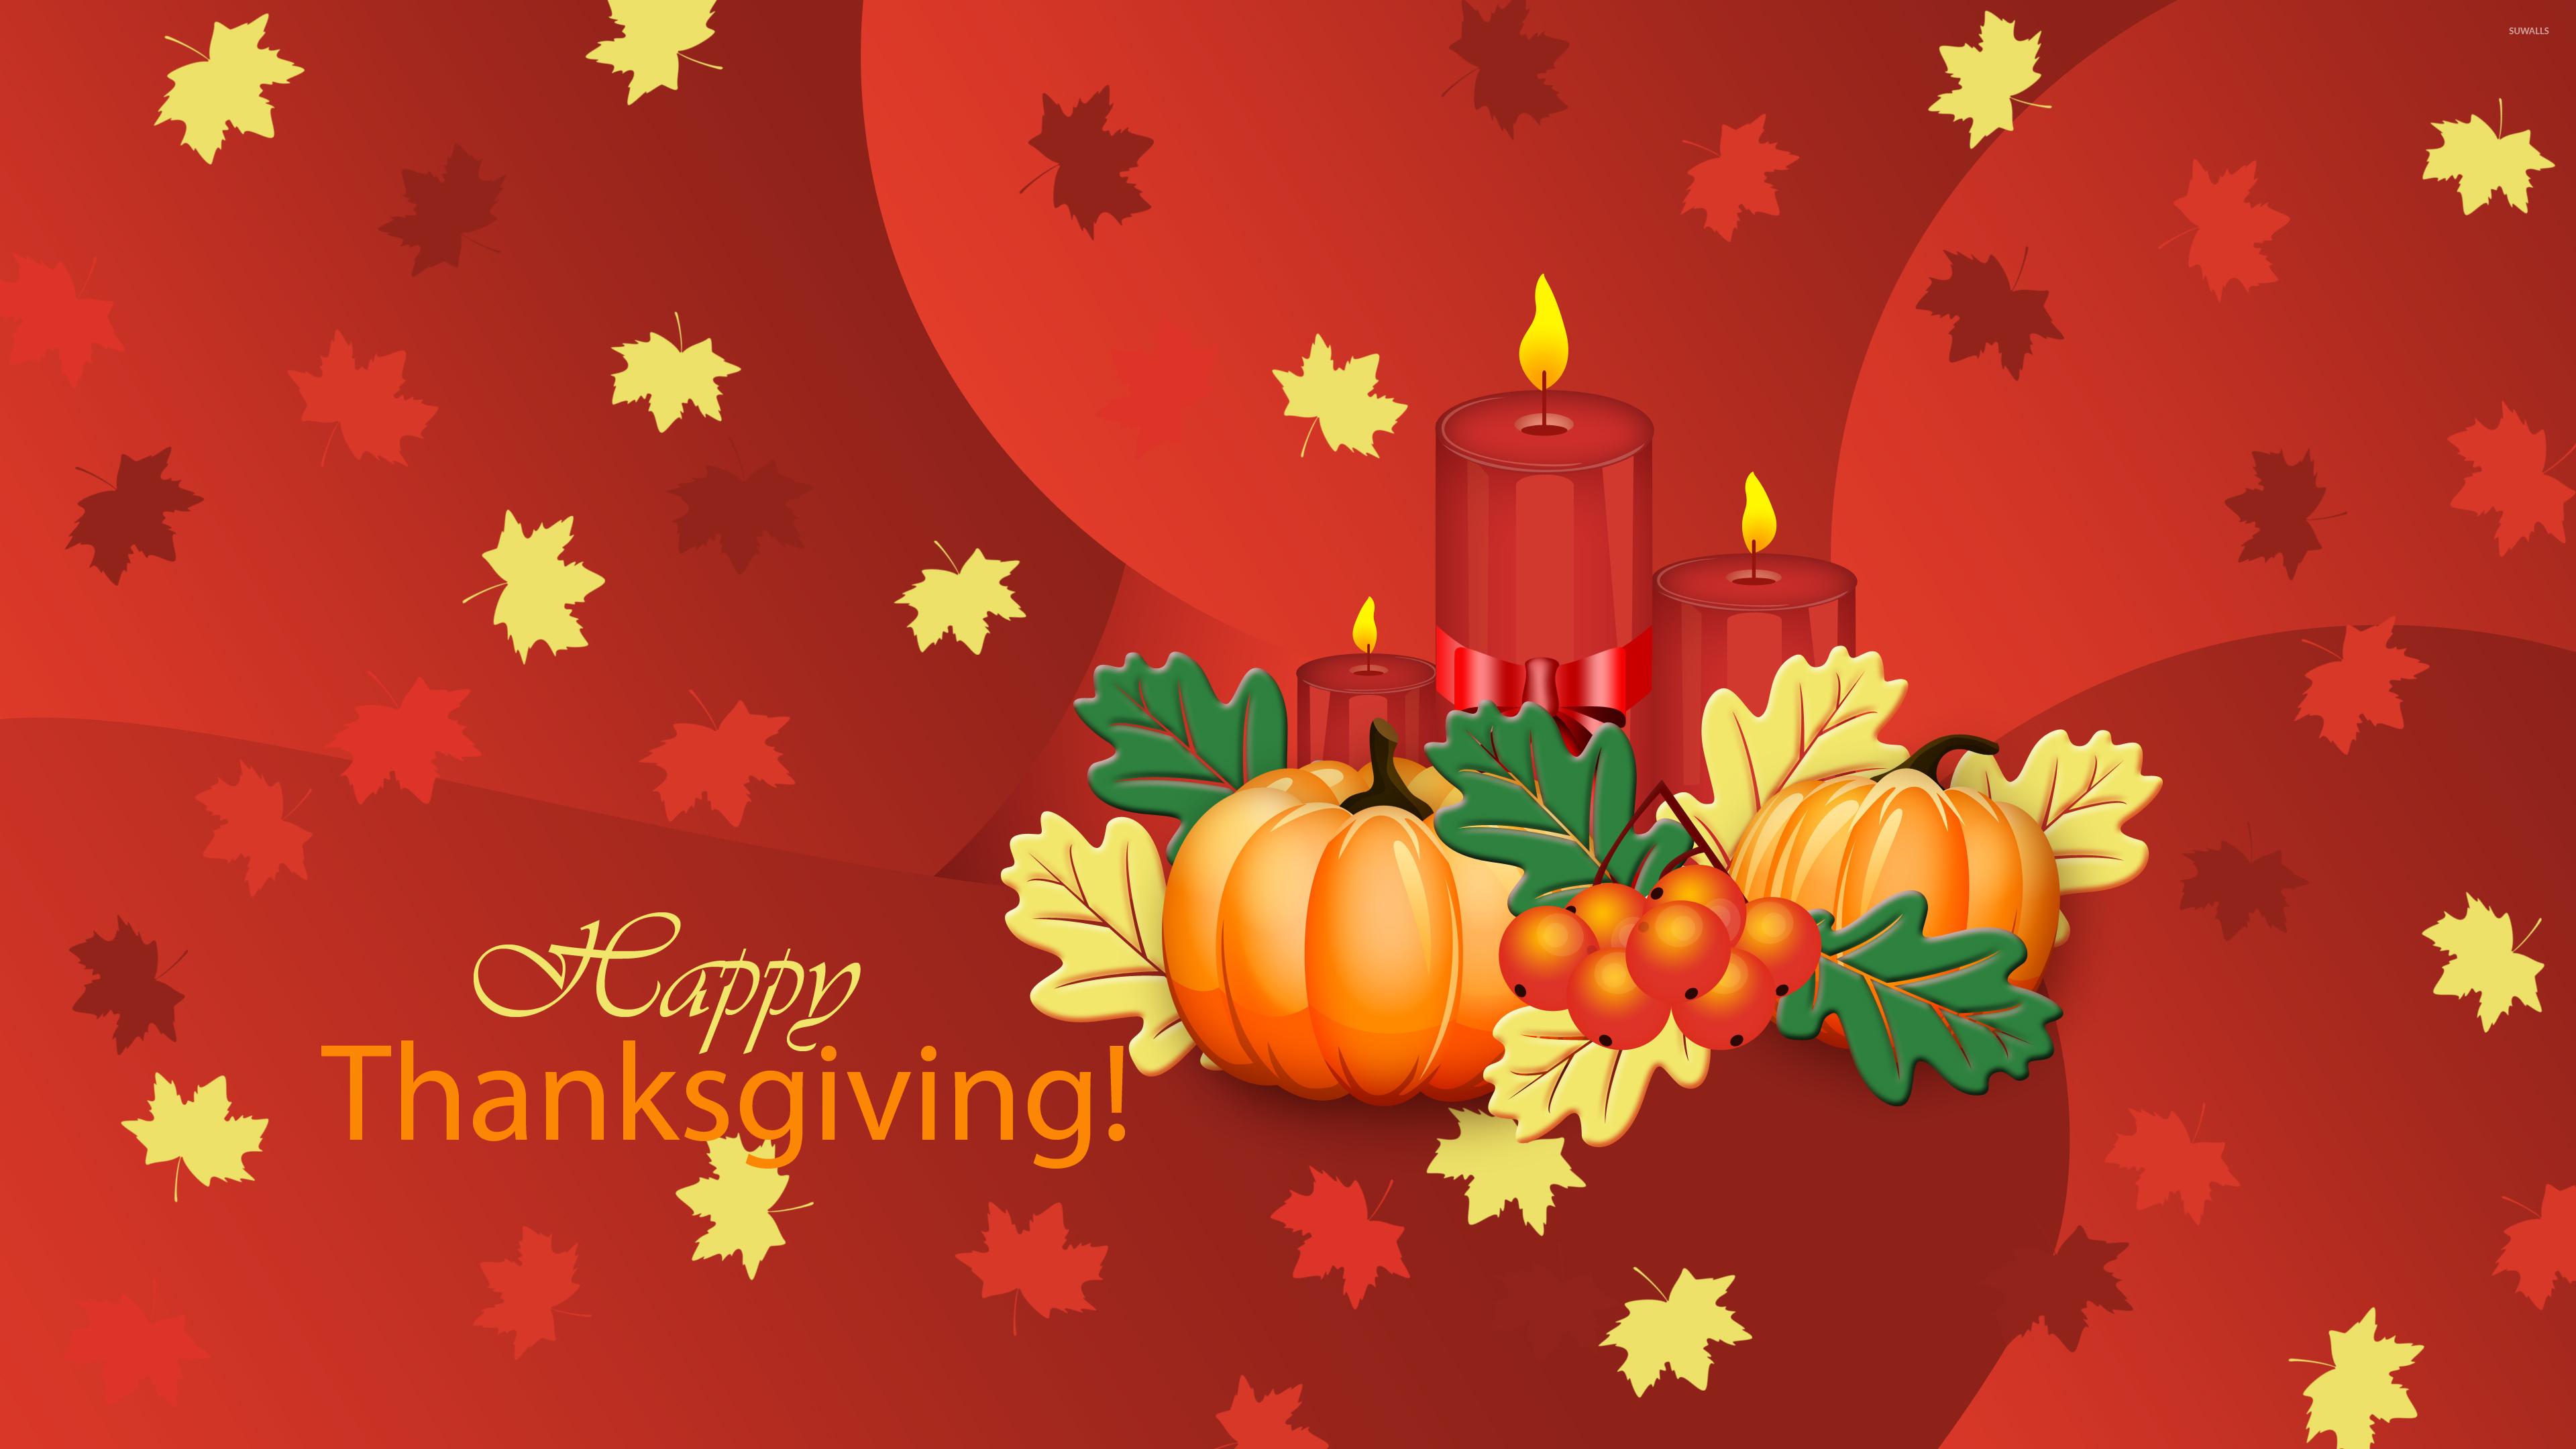 Thanksgiving Pumpkin Wallpaper